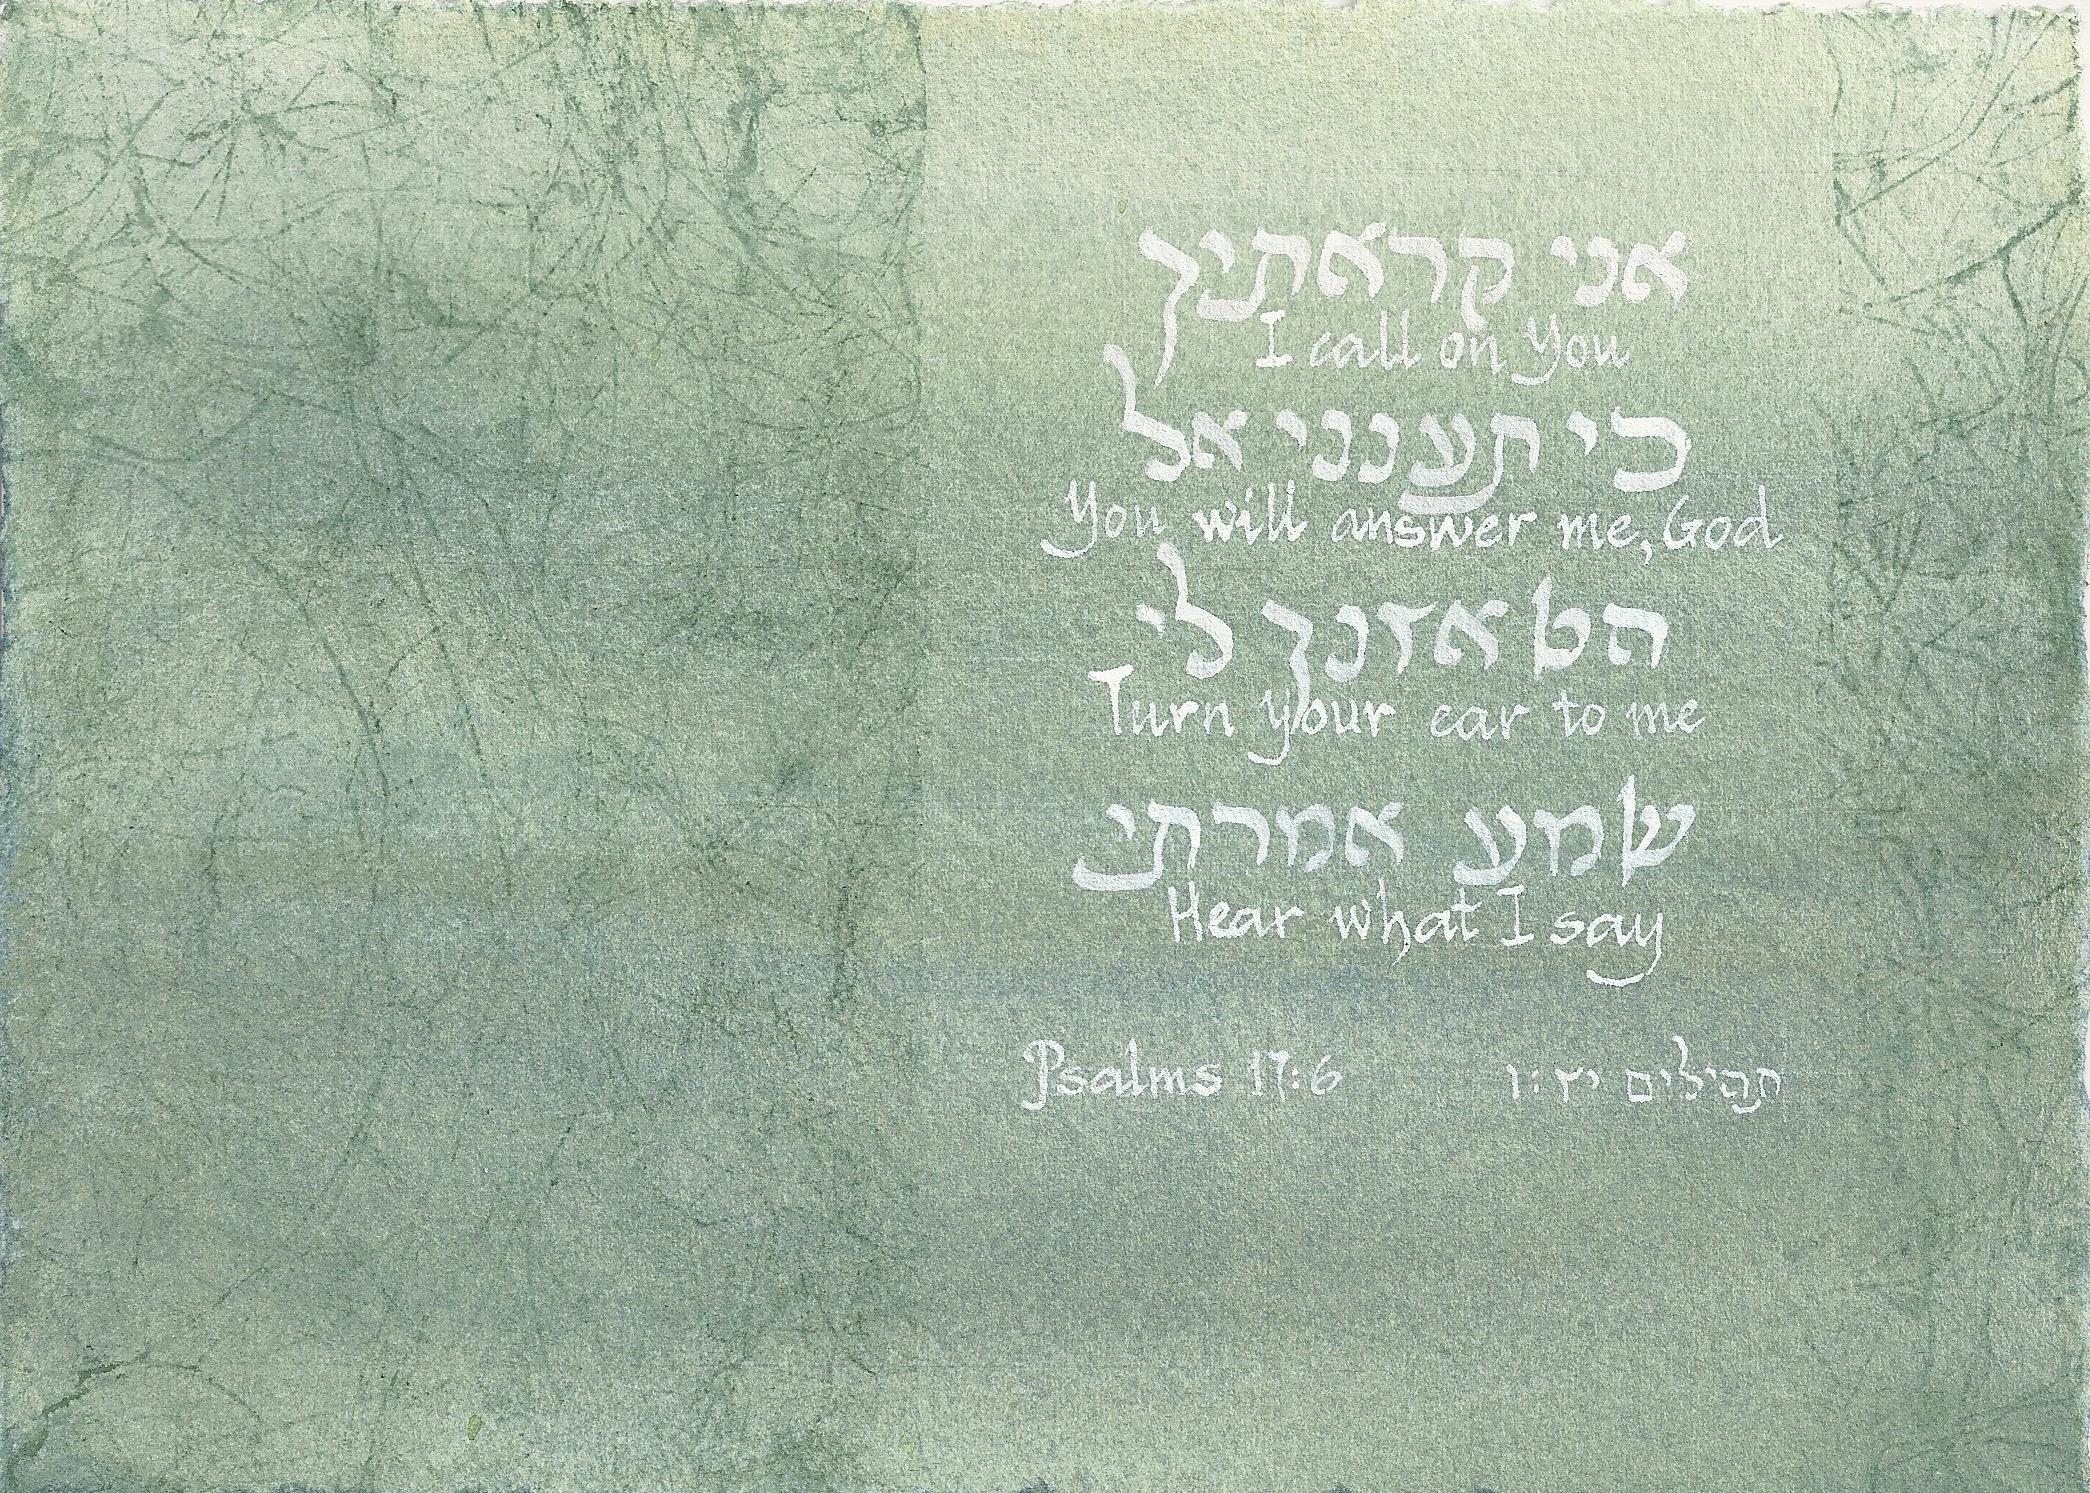 Psalms 17:6